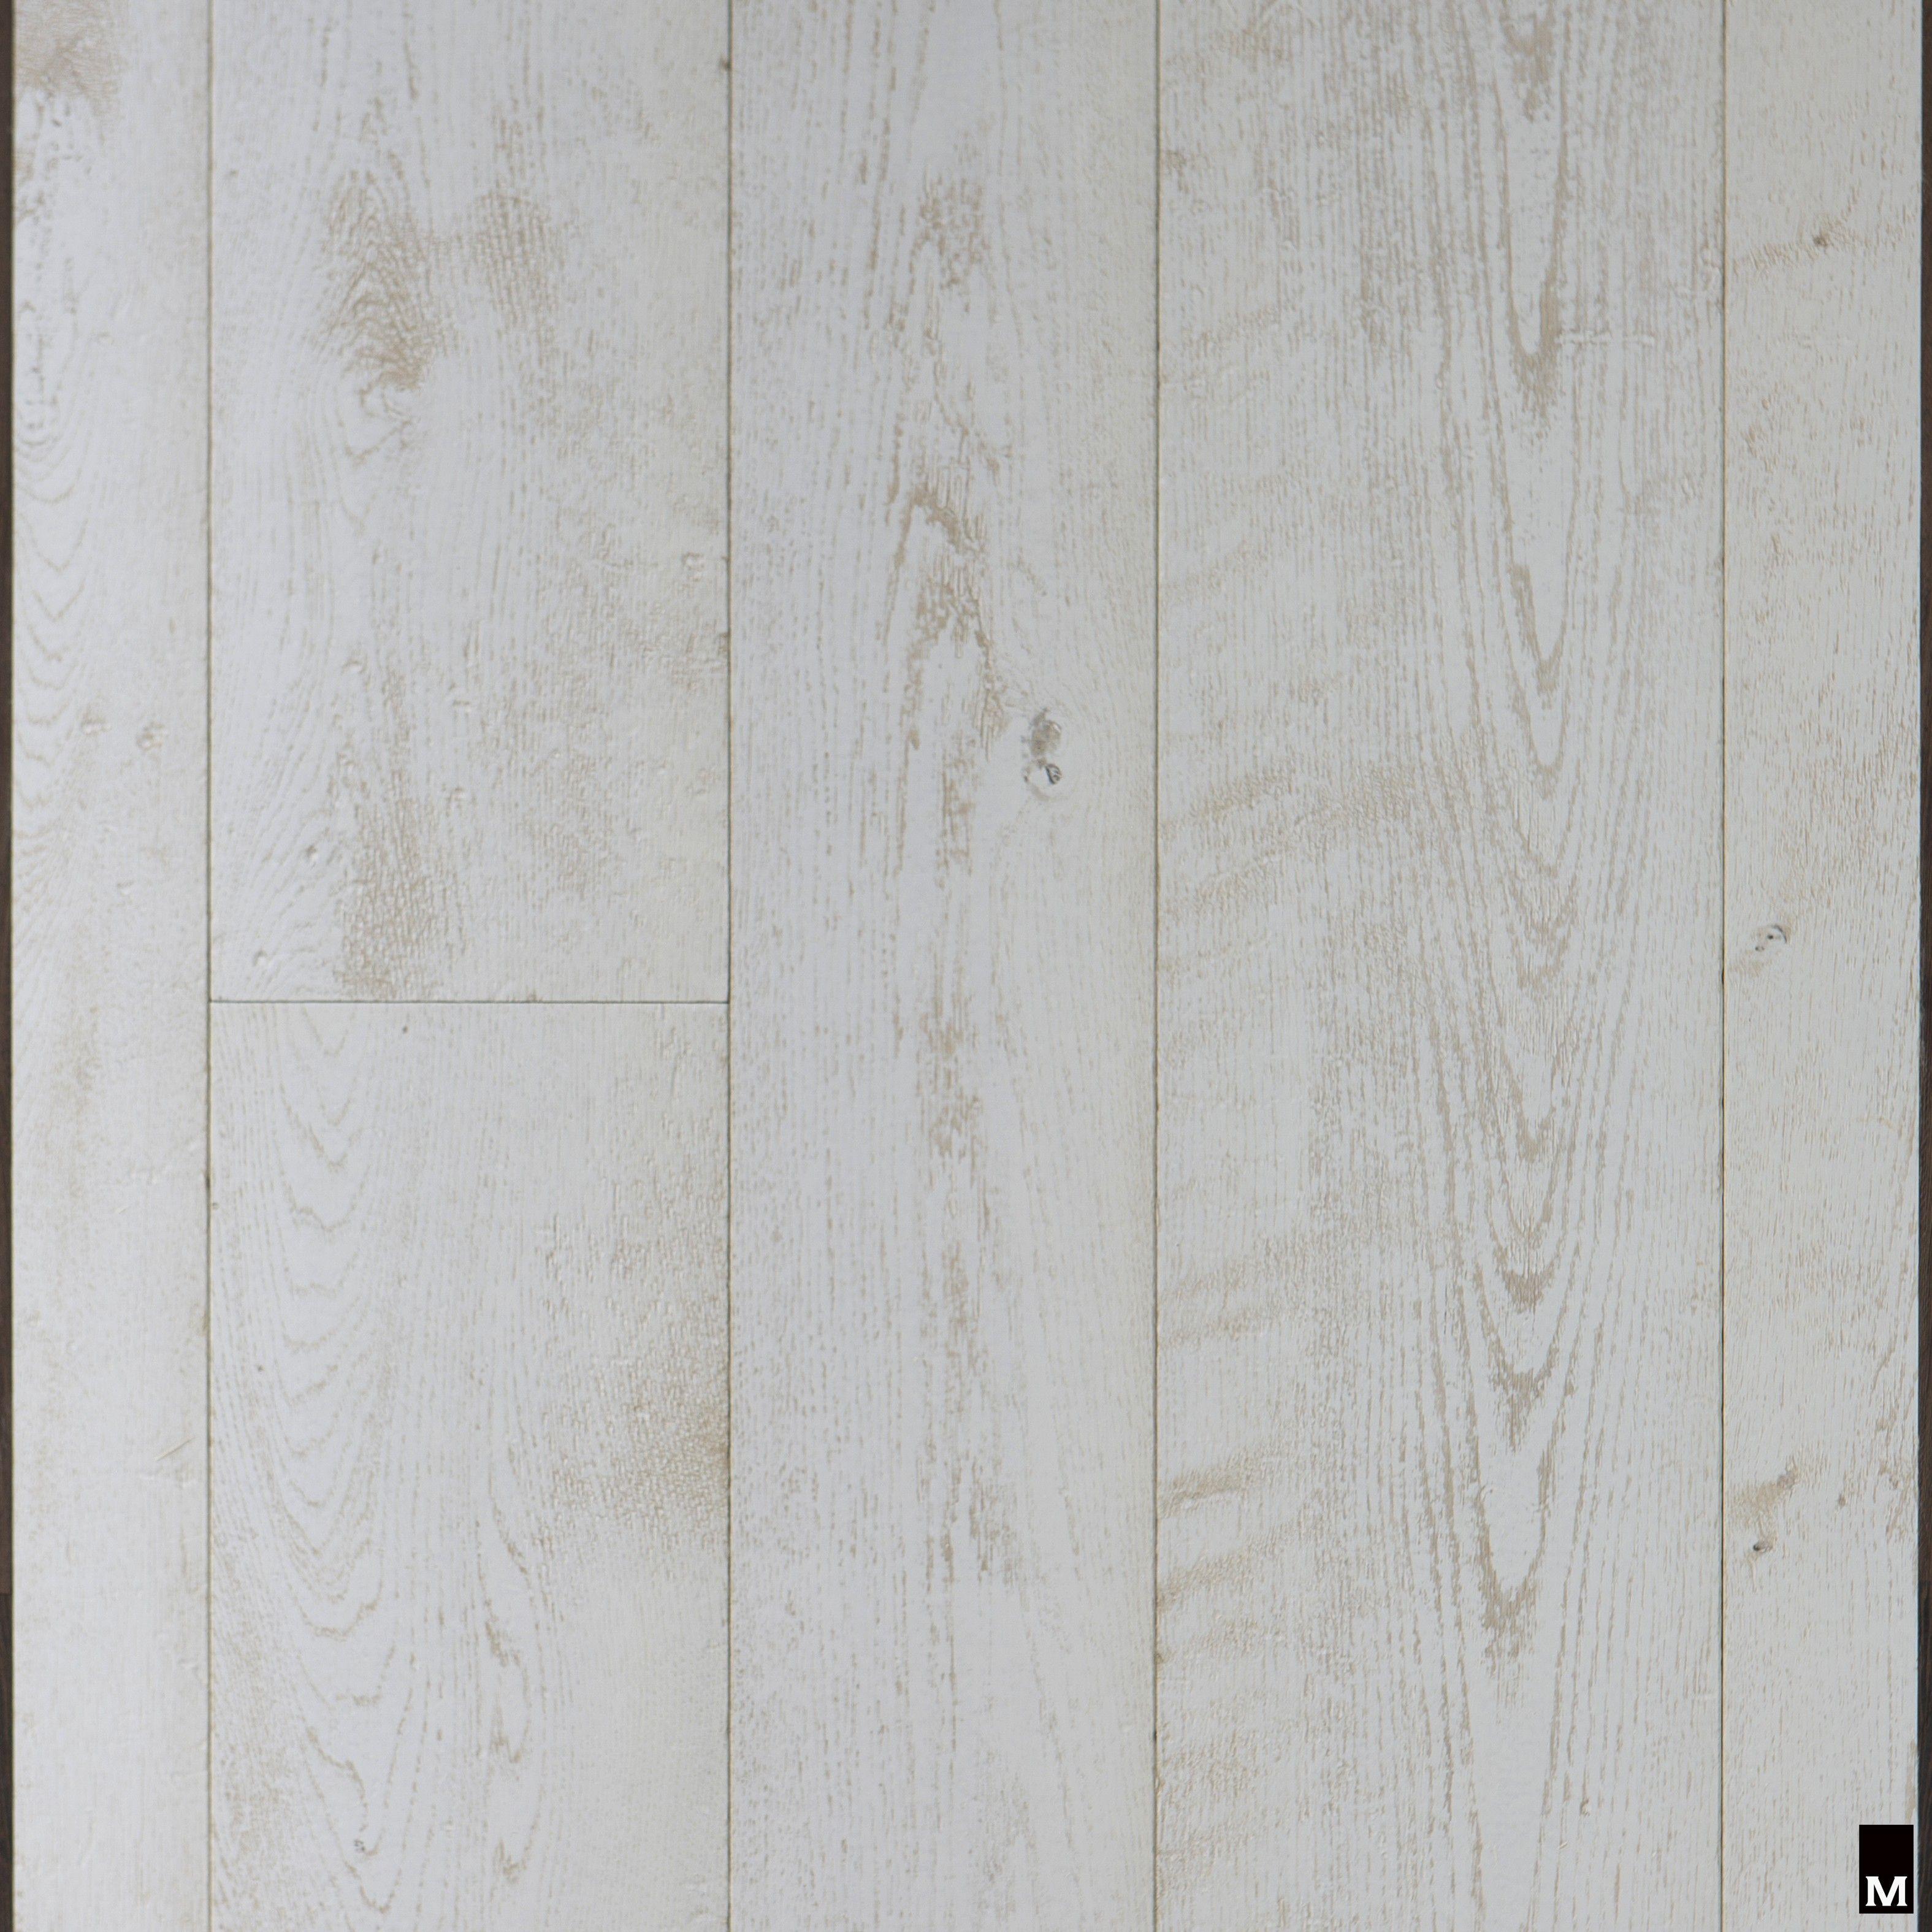 wit houten vloer kopen martijn de wit vloeren onze nieuwe